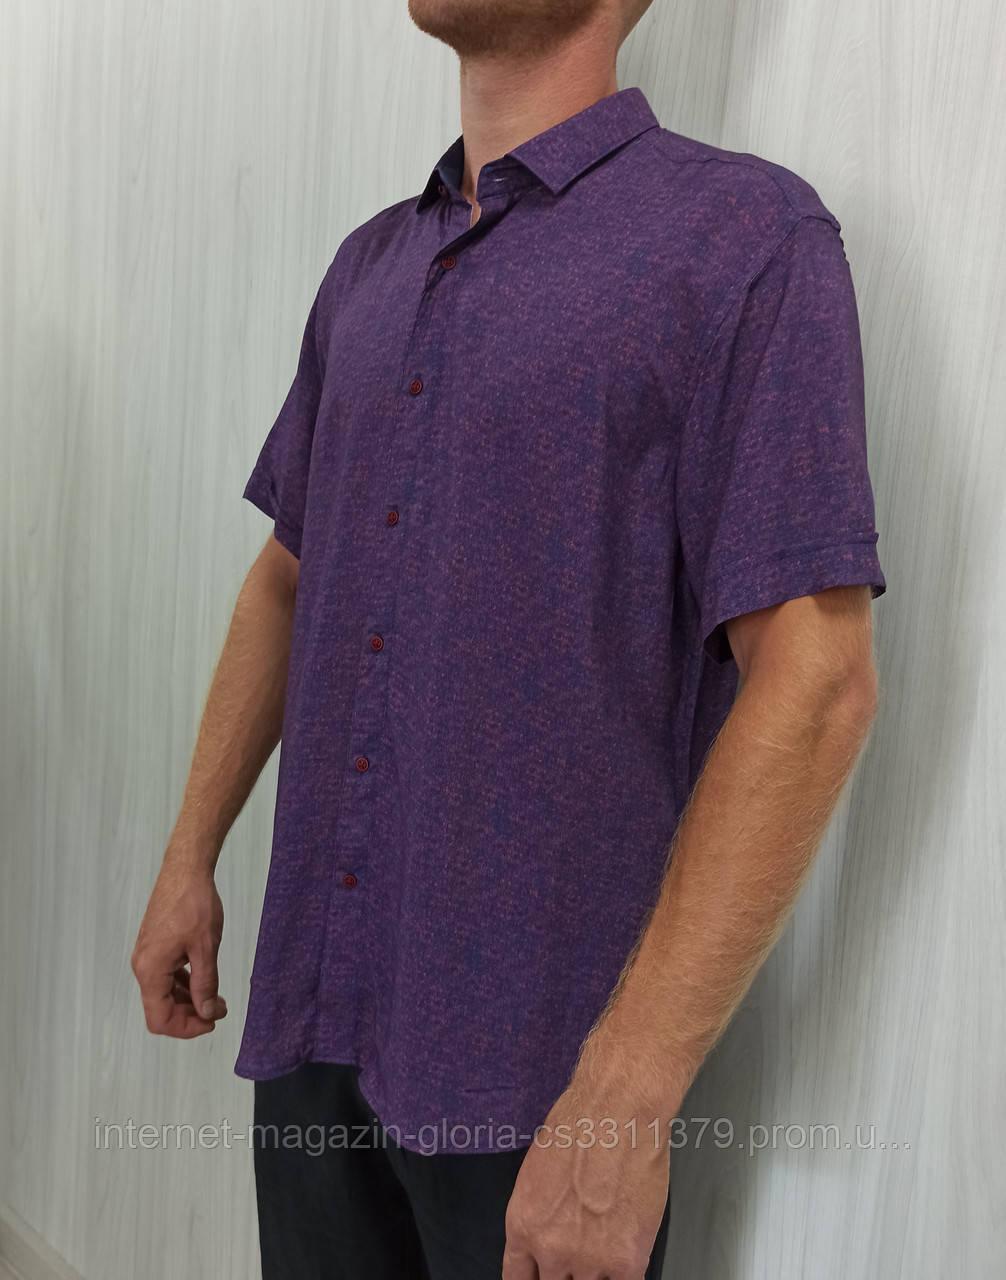 Мужская рубашка FLP. mod.47015. Размеры: 3XL,4L,5XL,6XL.